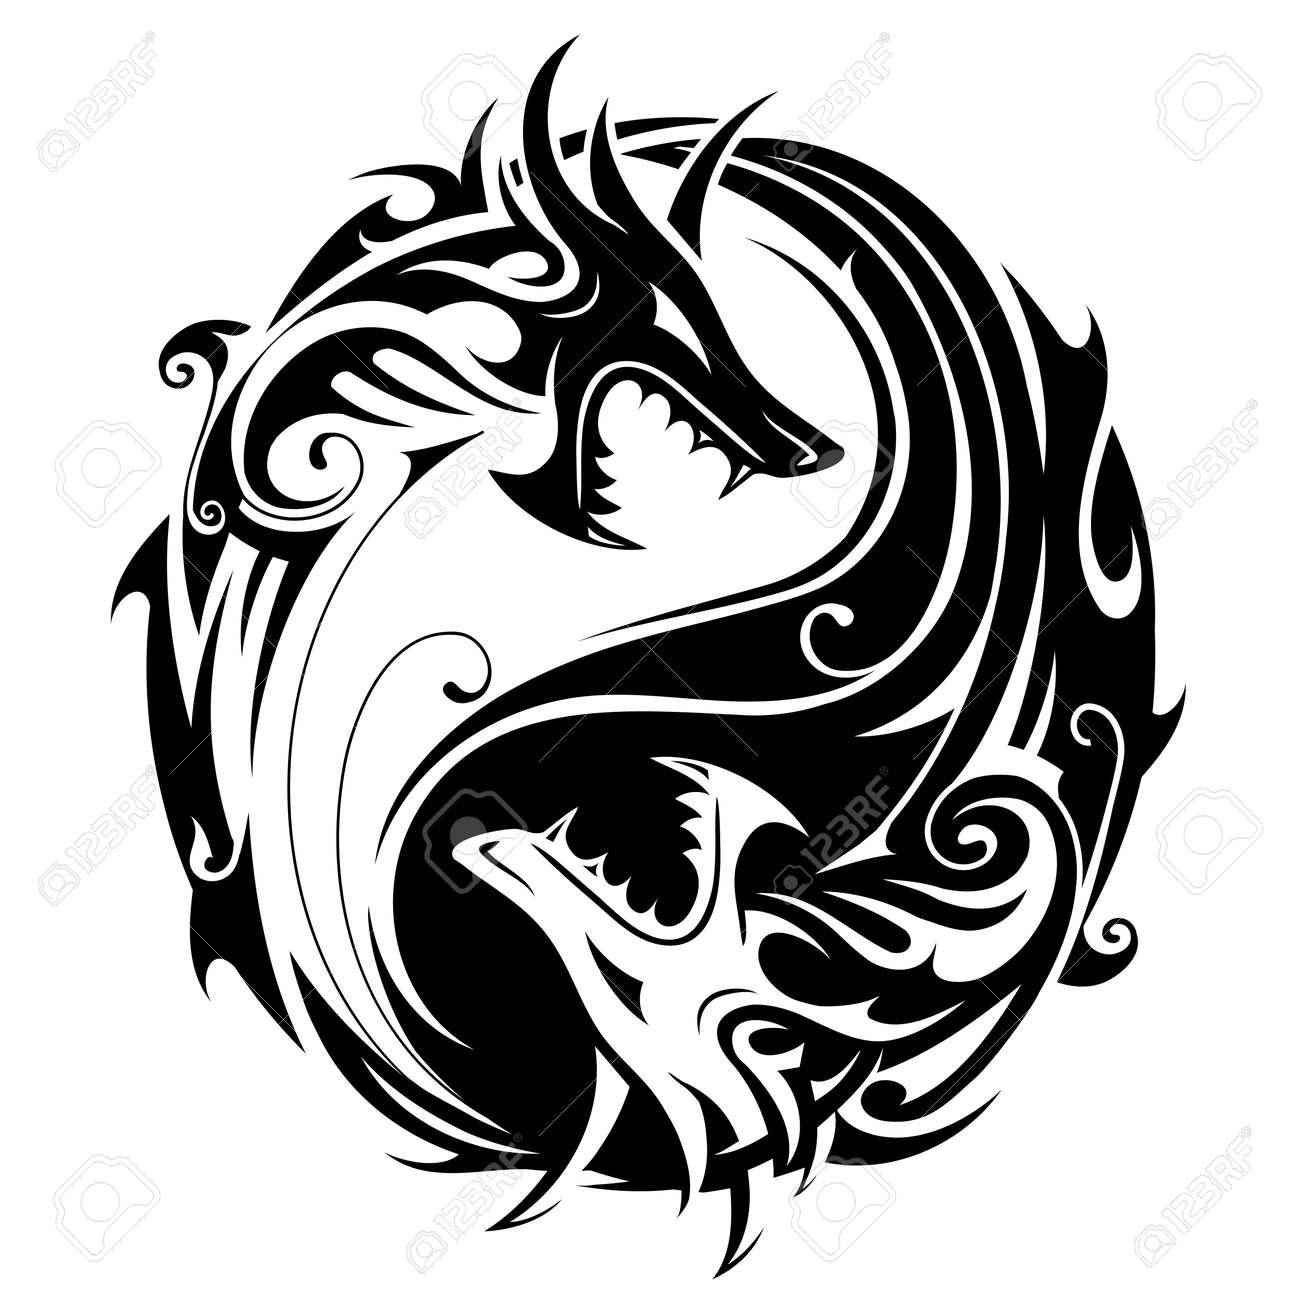 Símbolo Tatuaje Yin Yang Conformado Como Dos Dragones De Combate